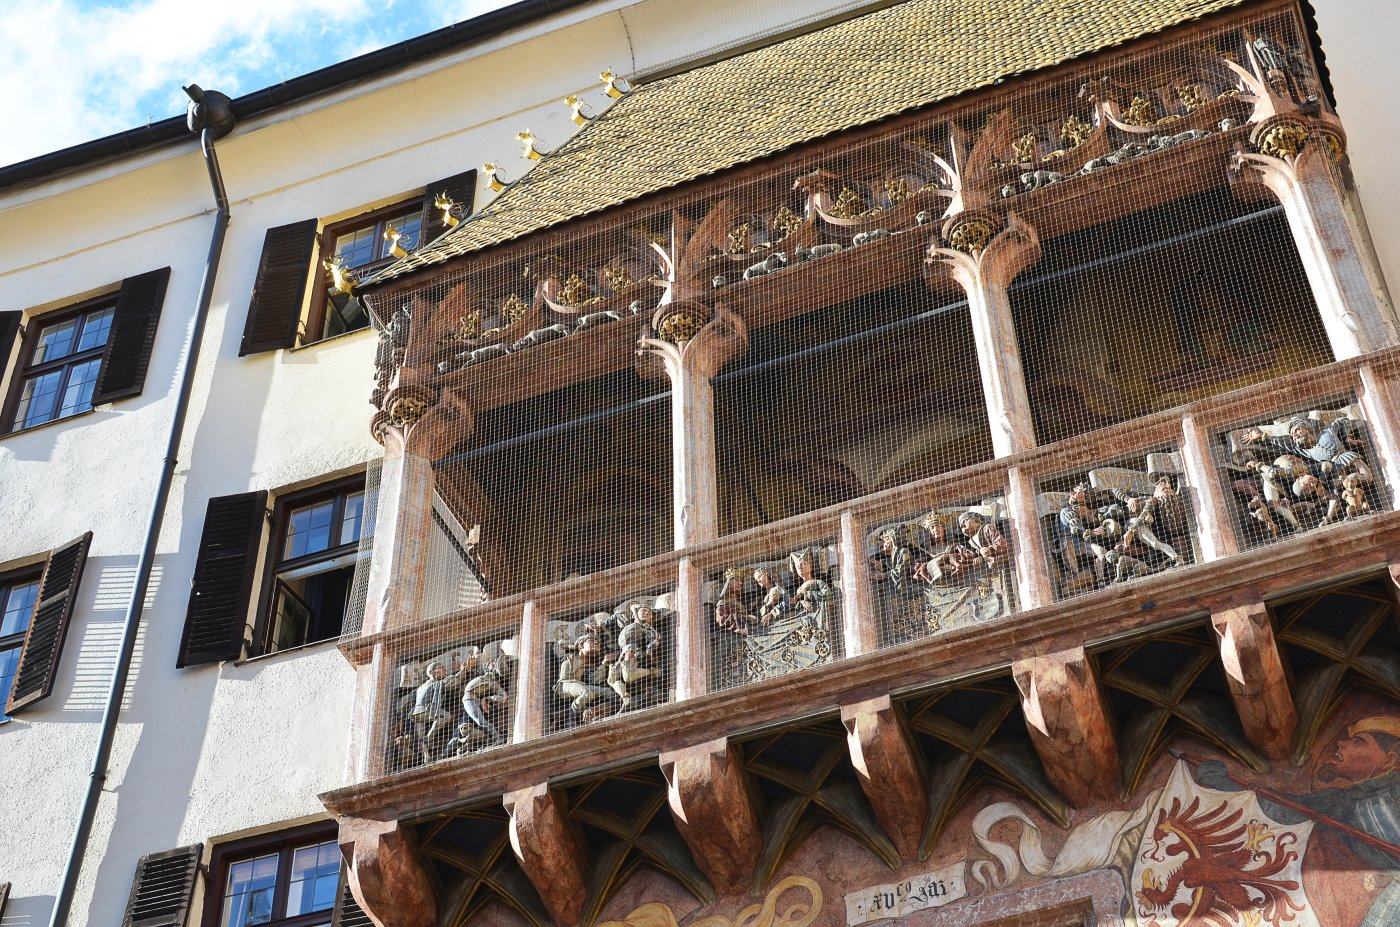 Co warto zobaczyć w Innsbrucku? Innsbruck - Złoty dach (Goldenes dachl)